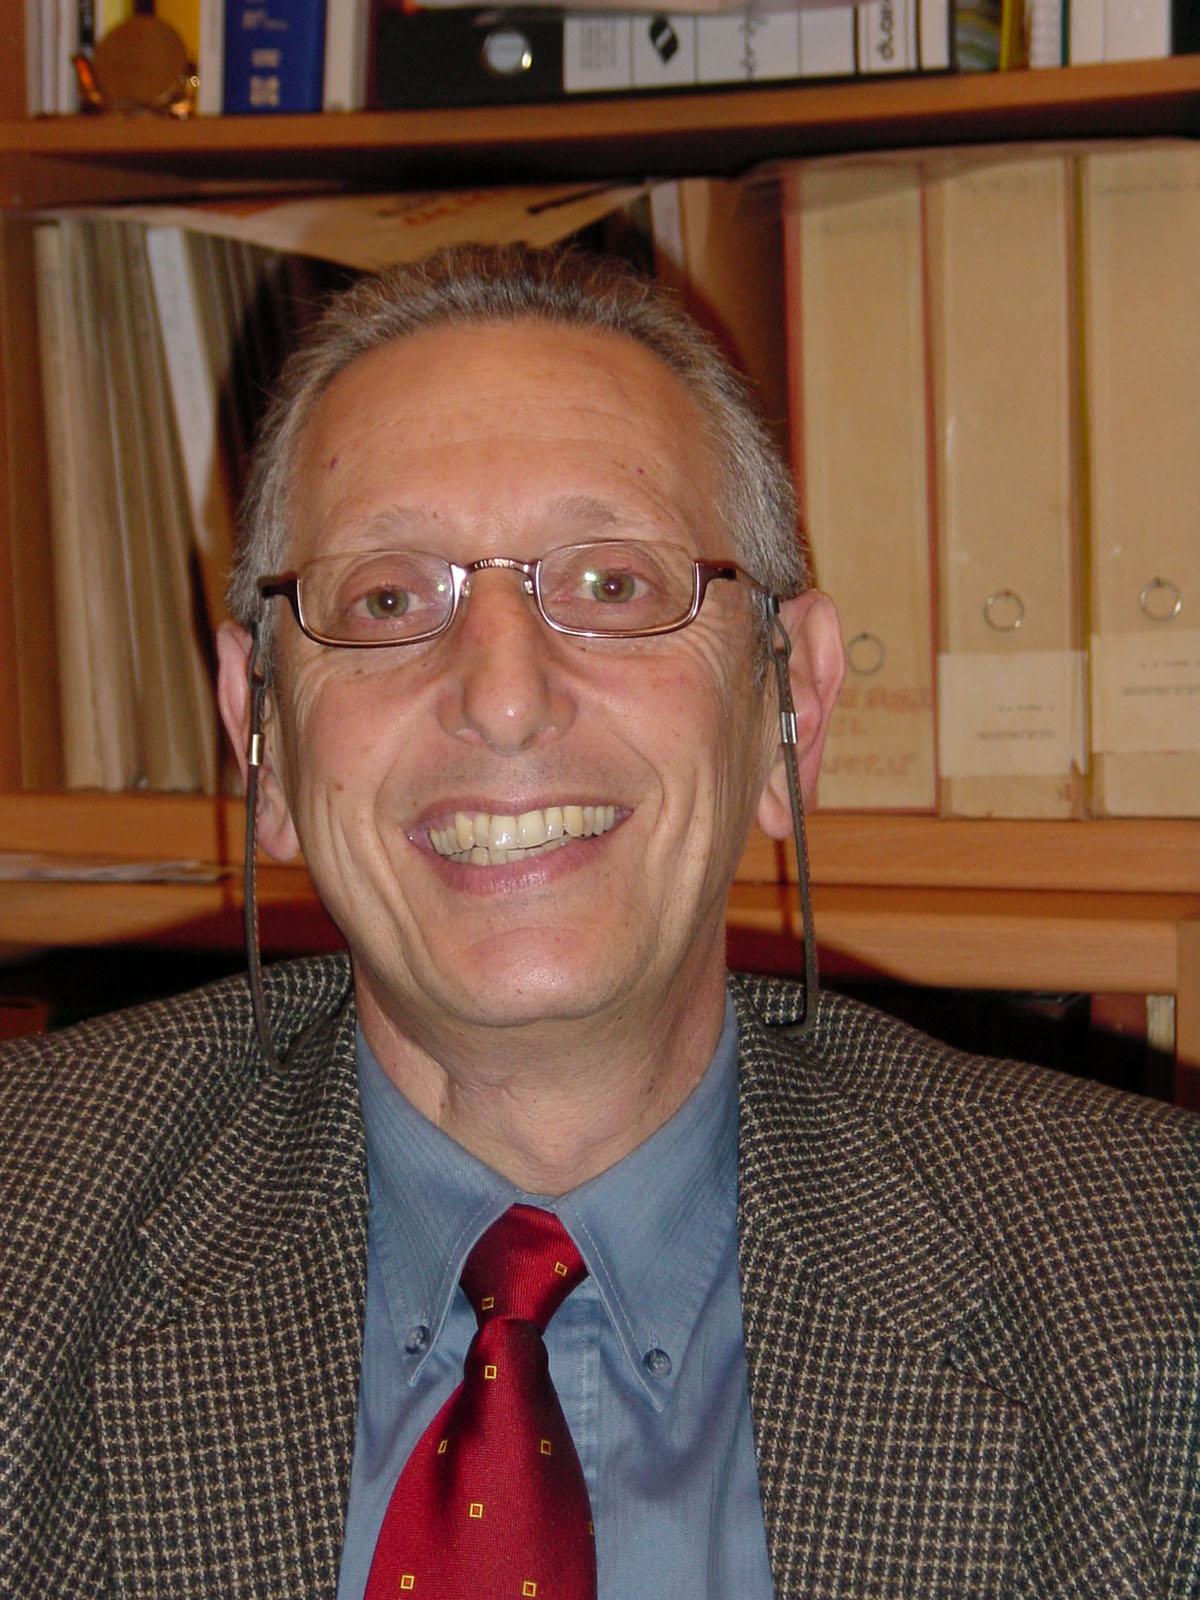 דוקטור ז'אן ז'ק וטין - תמונת פרופיל